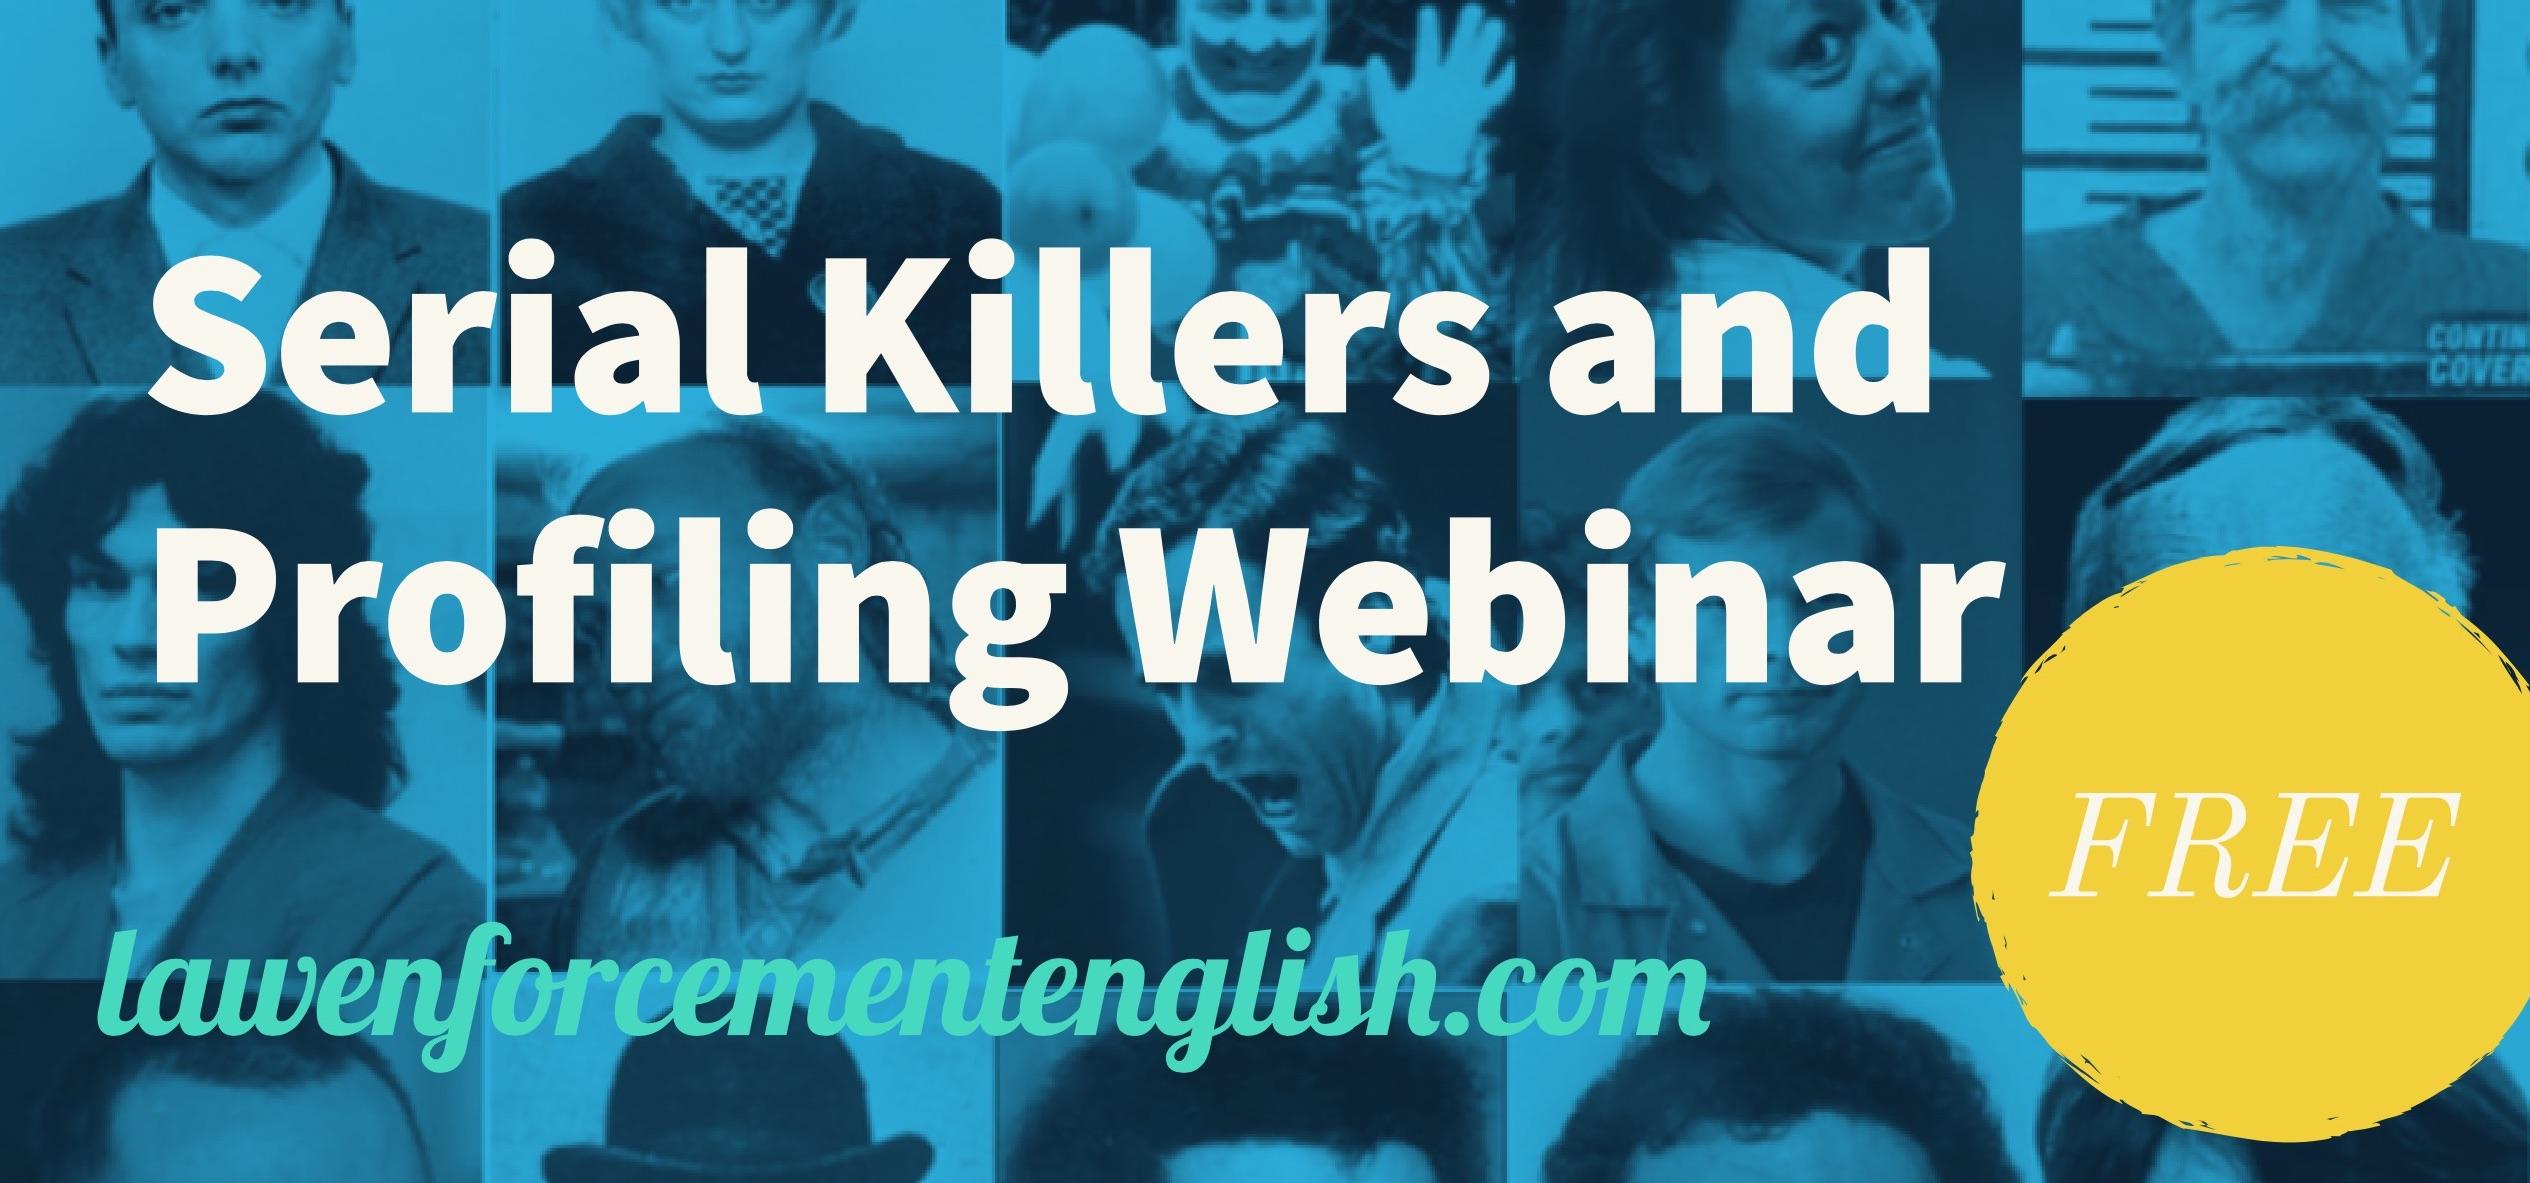 Live Webinar In November